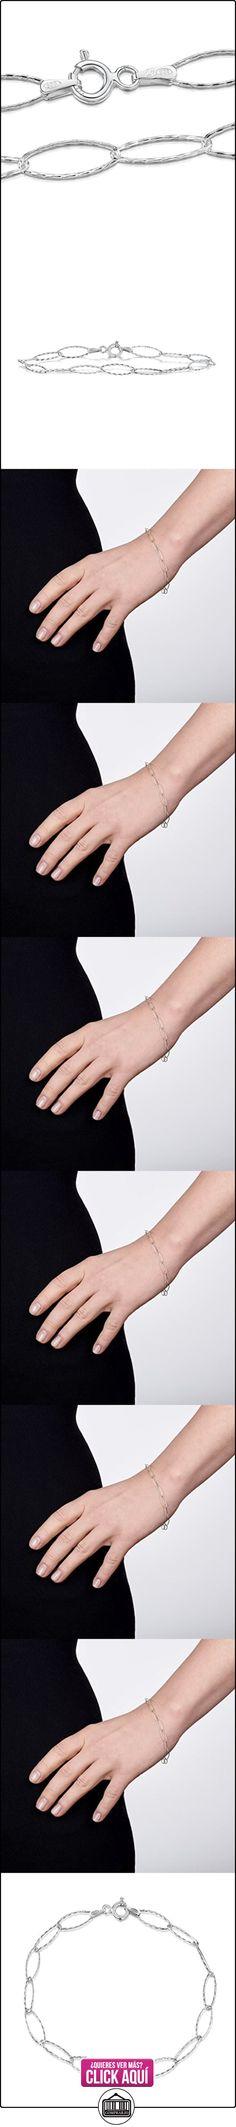 Amberta® Joyería - Pulsera - Fina Plata De Ley 925 - Cadena de Eslabones - 6.3 mm - 18 19 20 cm (19cm)  ✿ Joyas para mujer - Las mejores ofertas ✿ ▬► Ver oferta: https://comprar.io/goto/B01IBQXCZ4